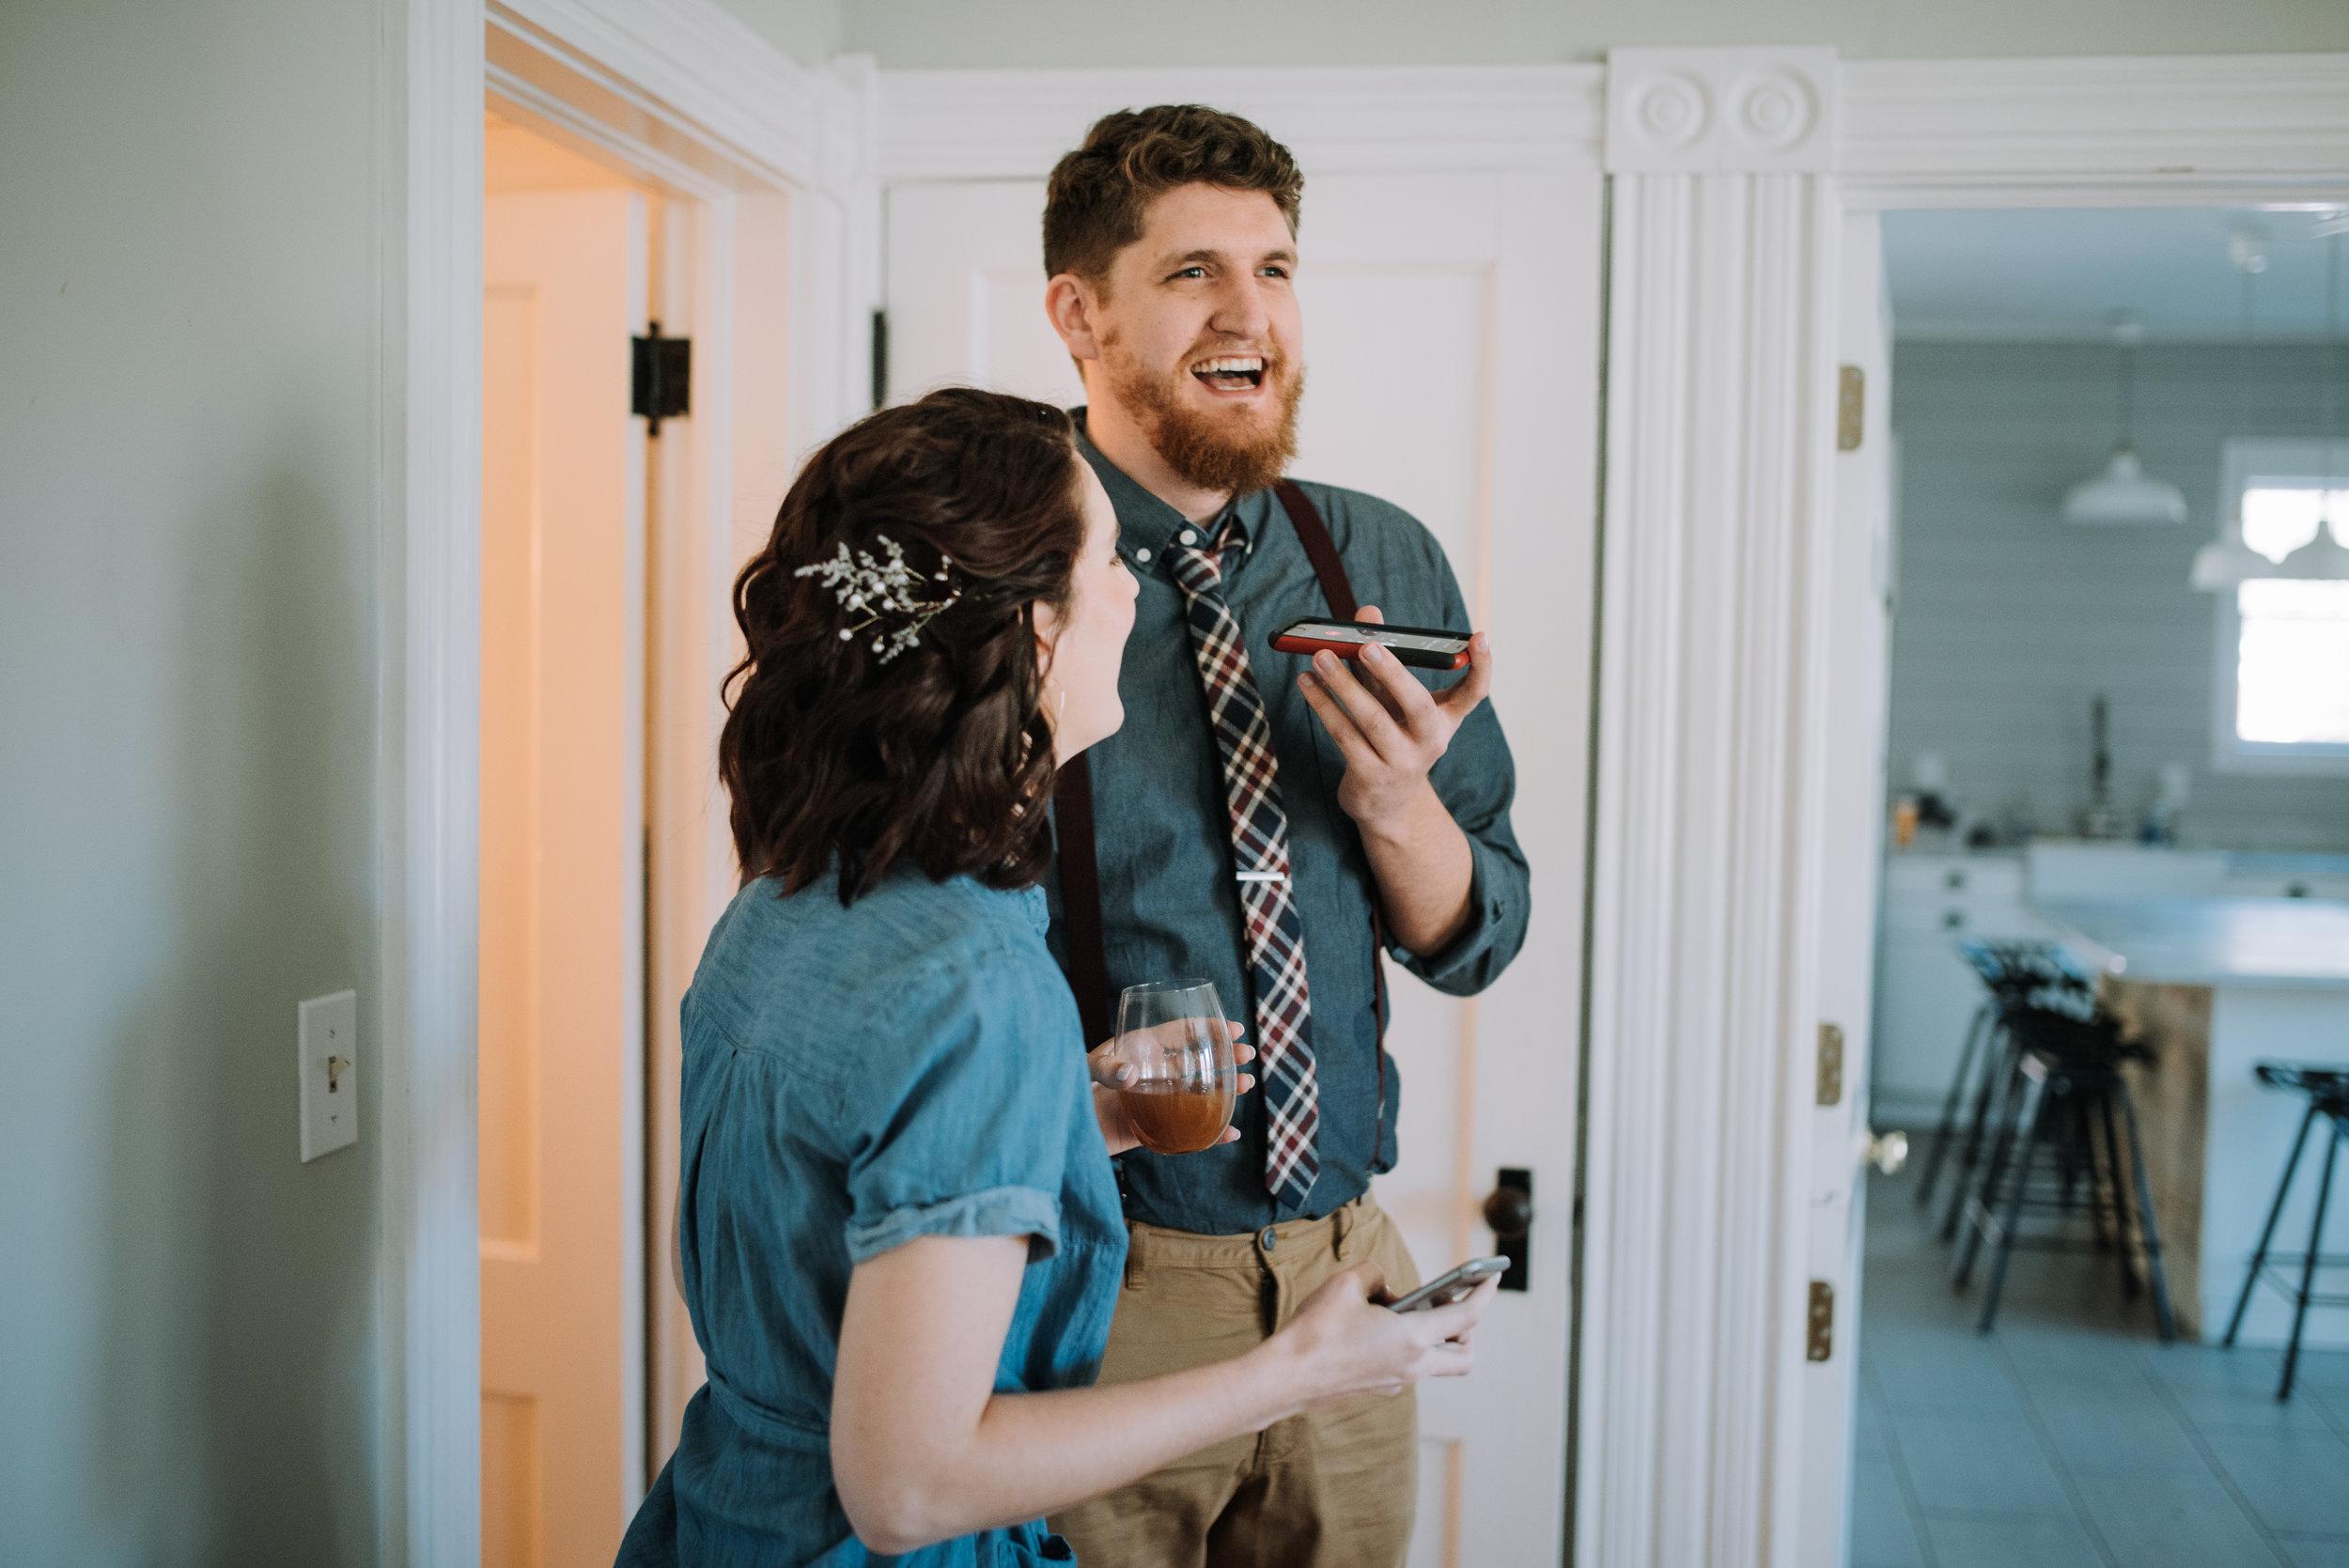 LUV LENS_WEDDING_GABBIE GARY SMALL-19.jpg